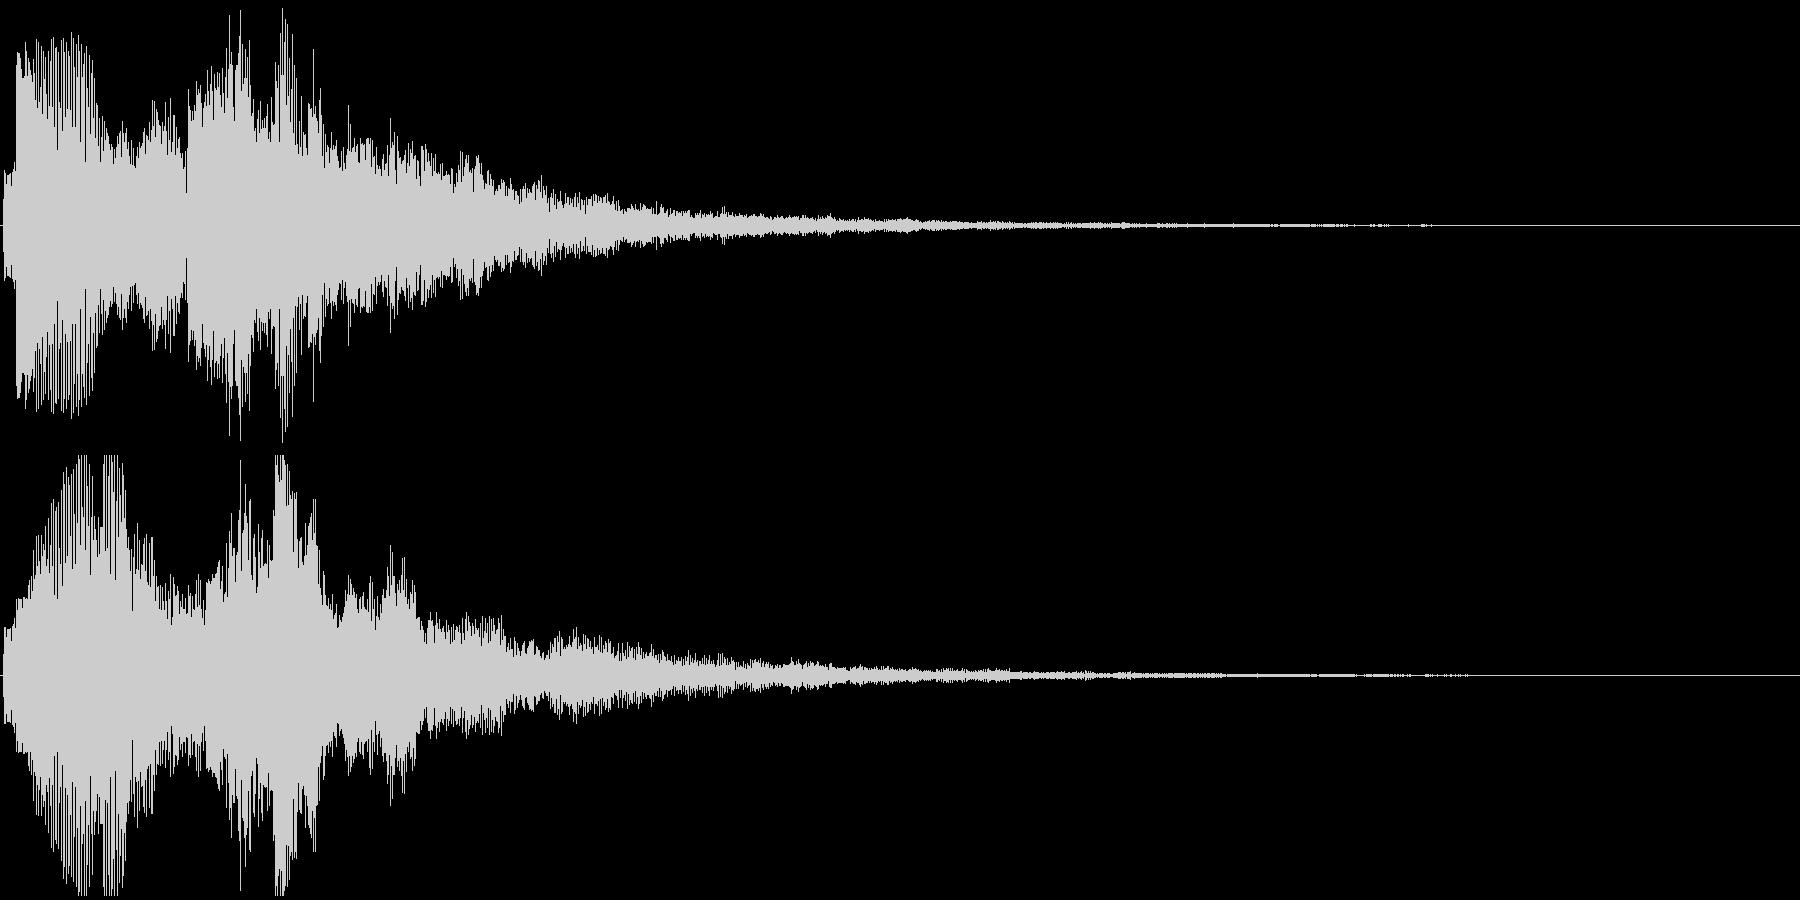 ジングル(ちょっと嬉しい・レアアイテム)の未再生の波形